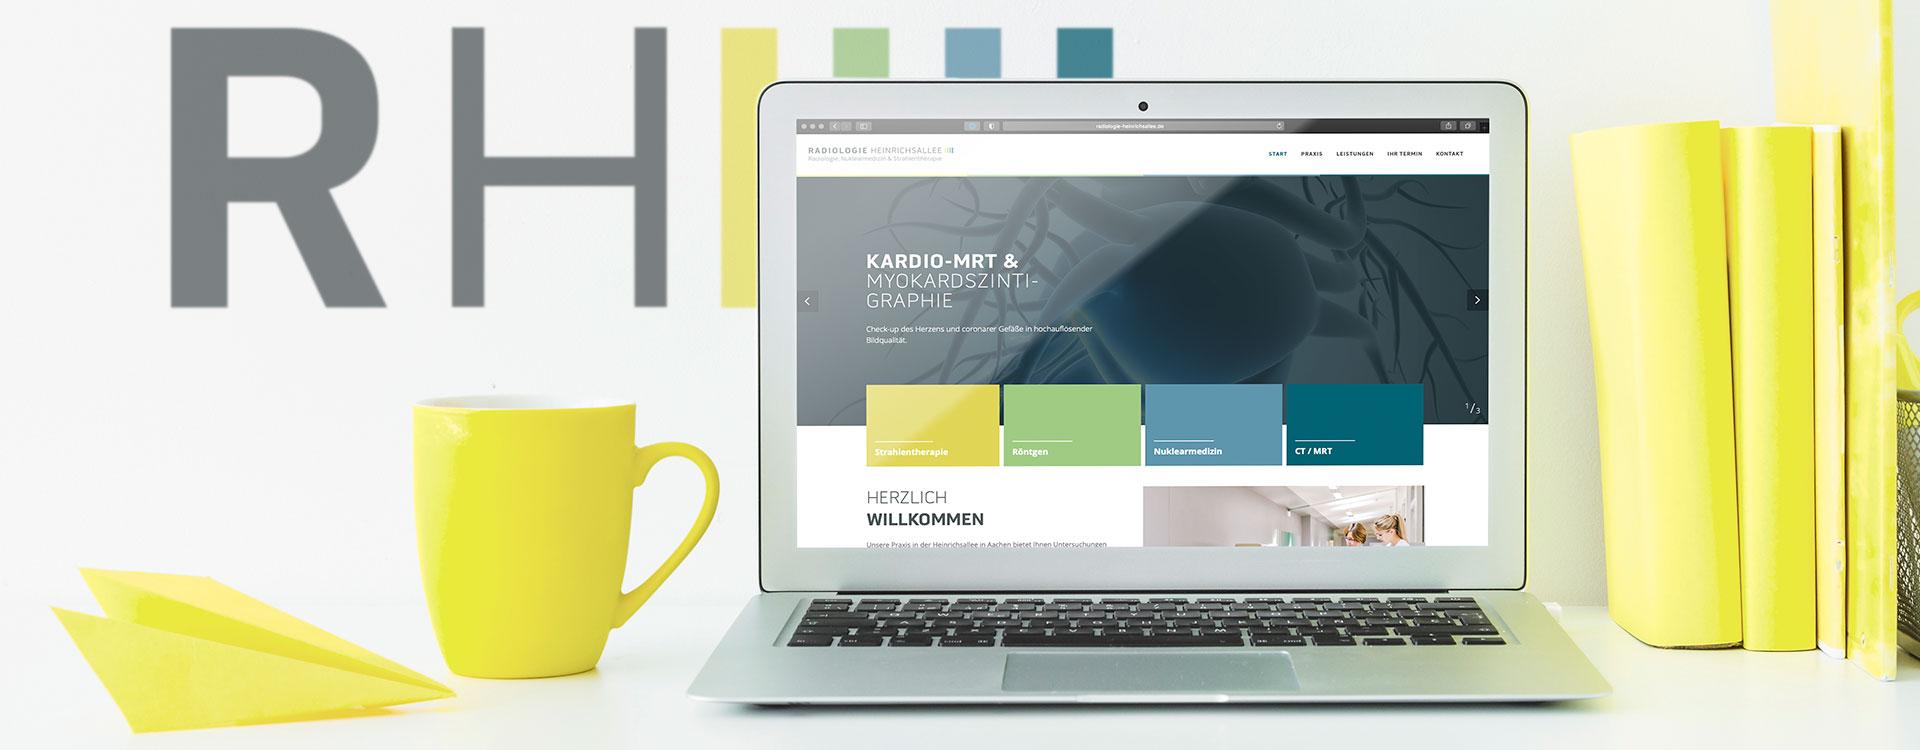 News | Radiologie Heinrichsallee | Unsere neue Webseite ist online!